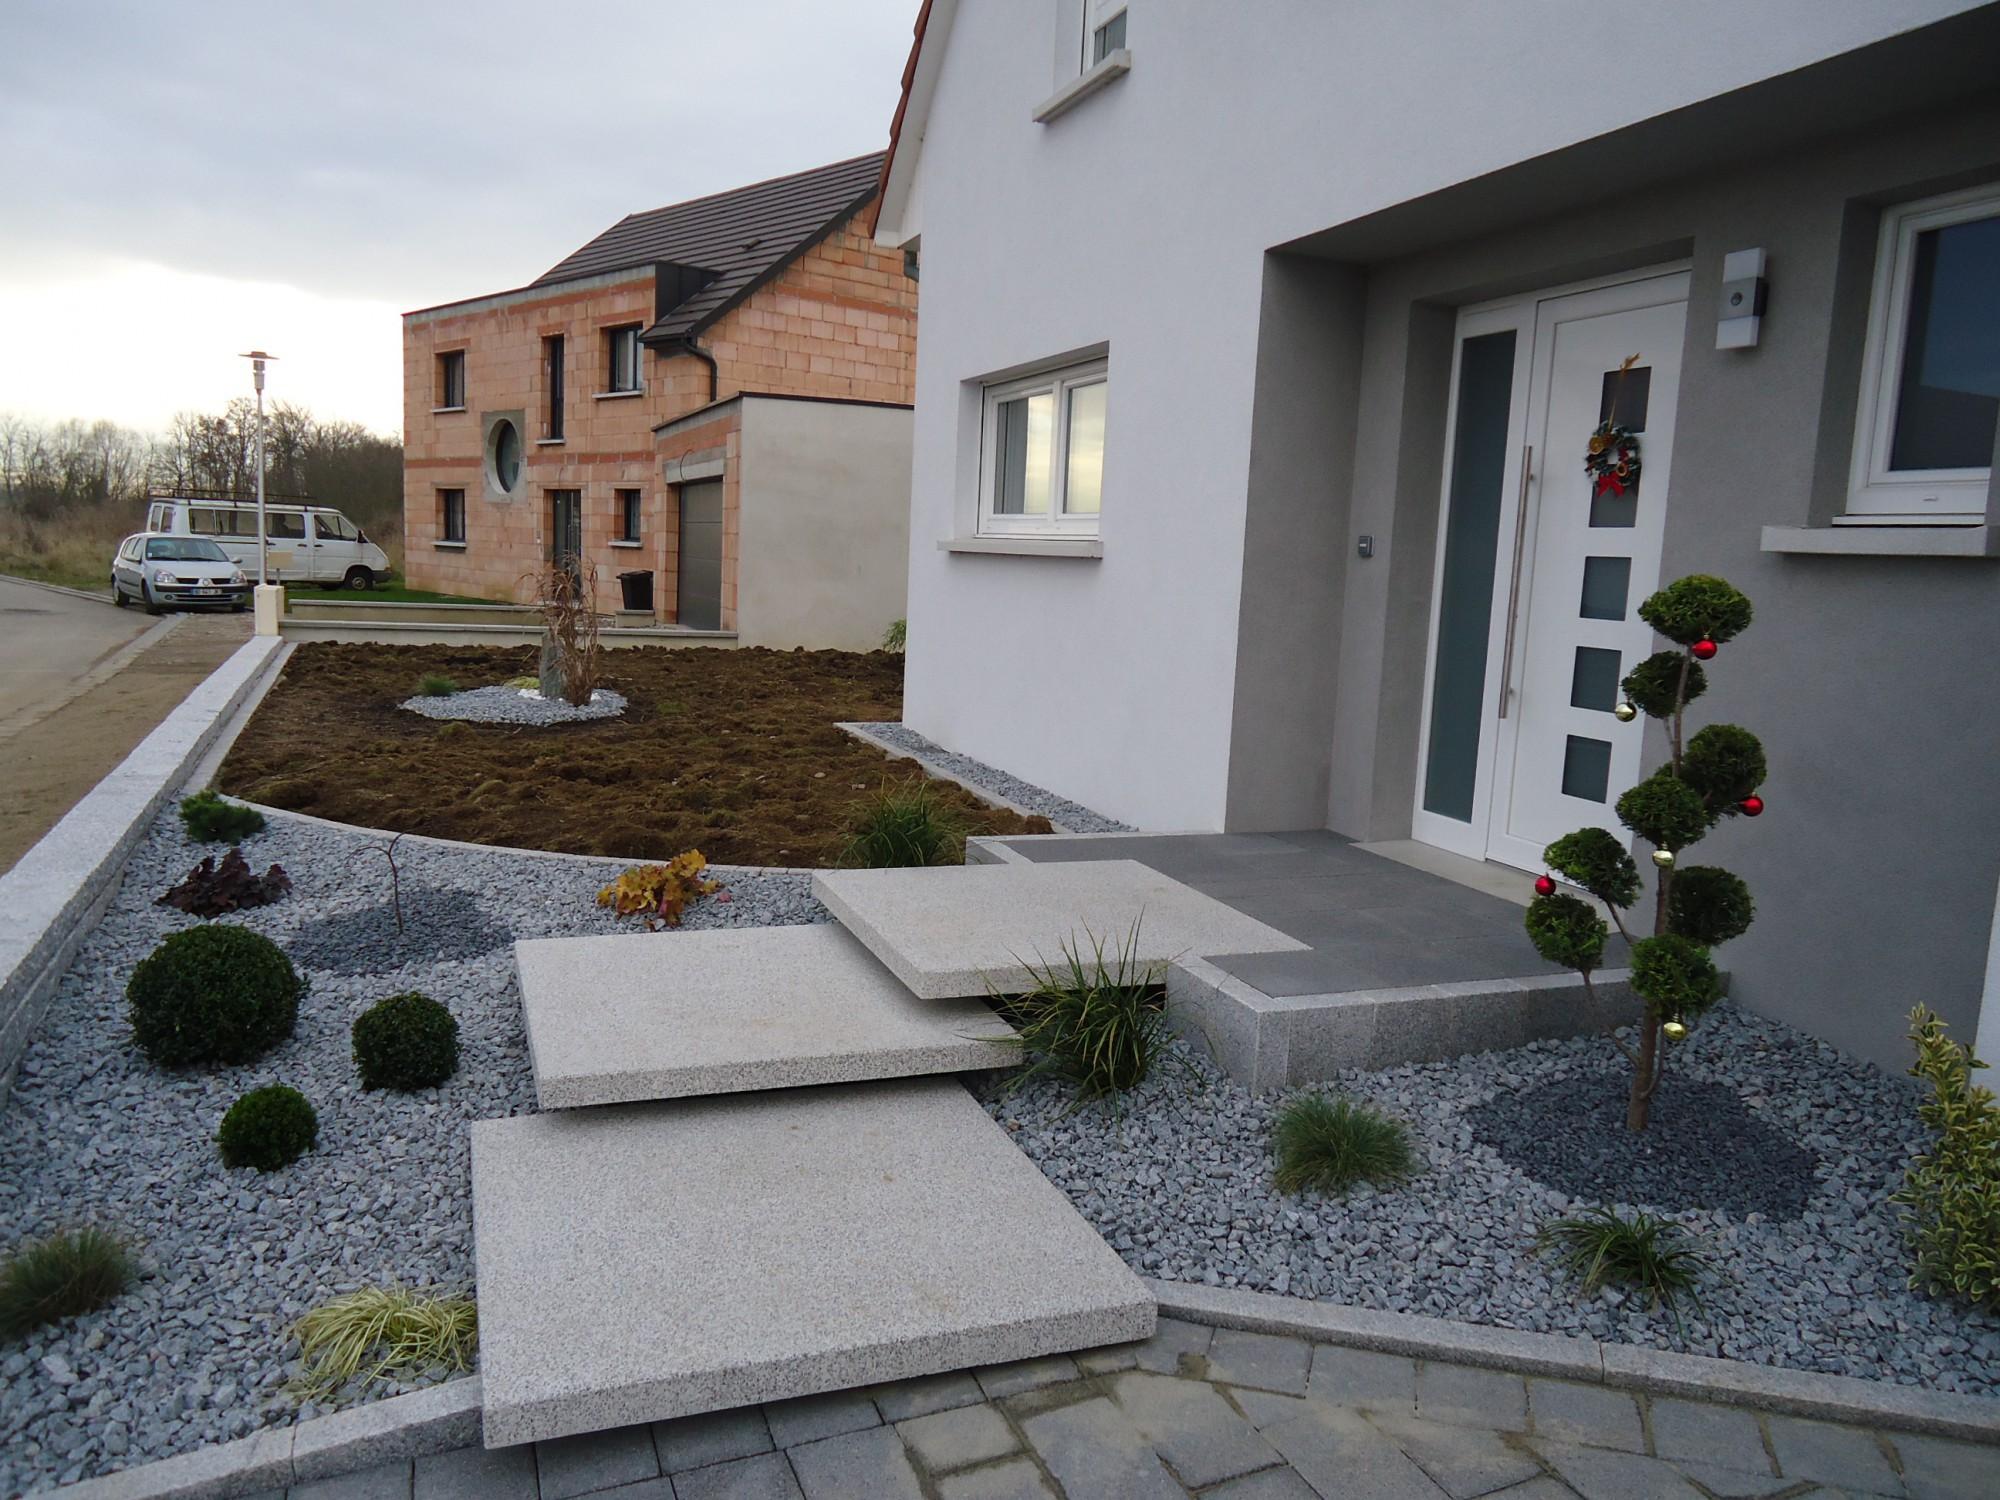 Aménagement Extérieur Entrée Maison escalier paysager entrée maison - lehmann